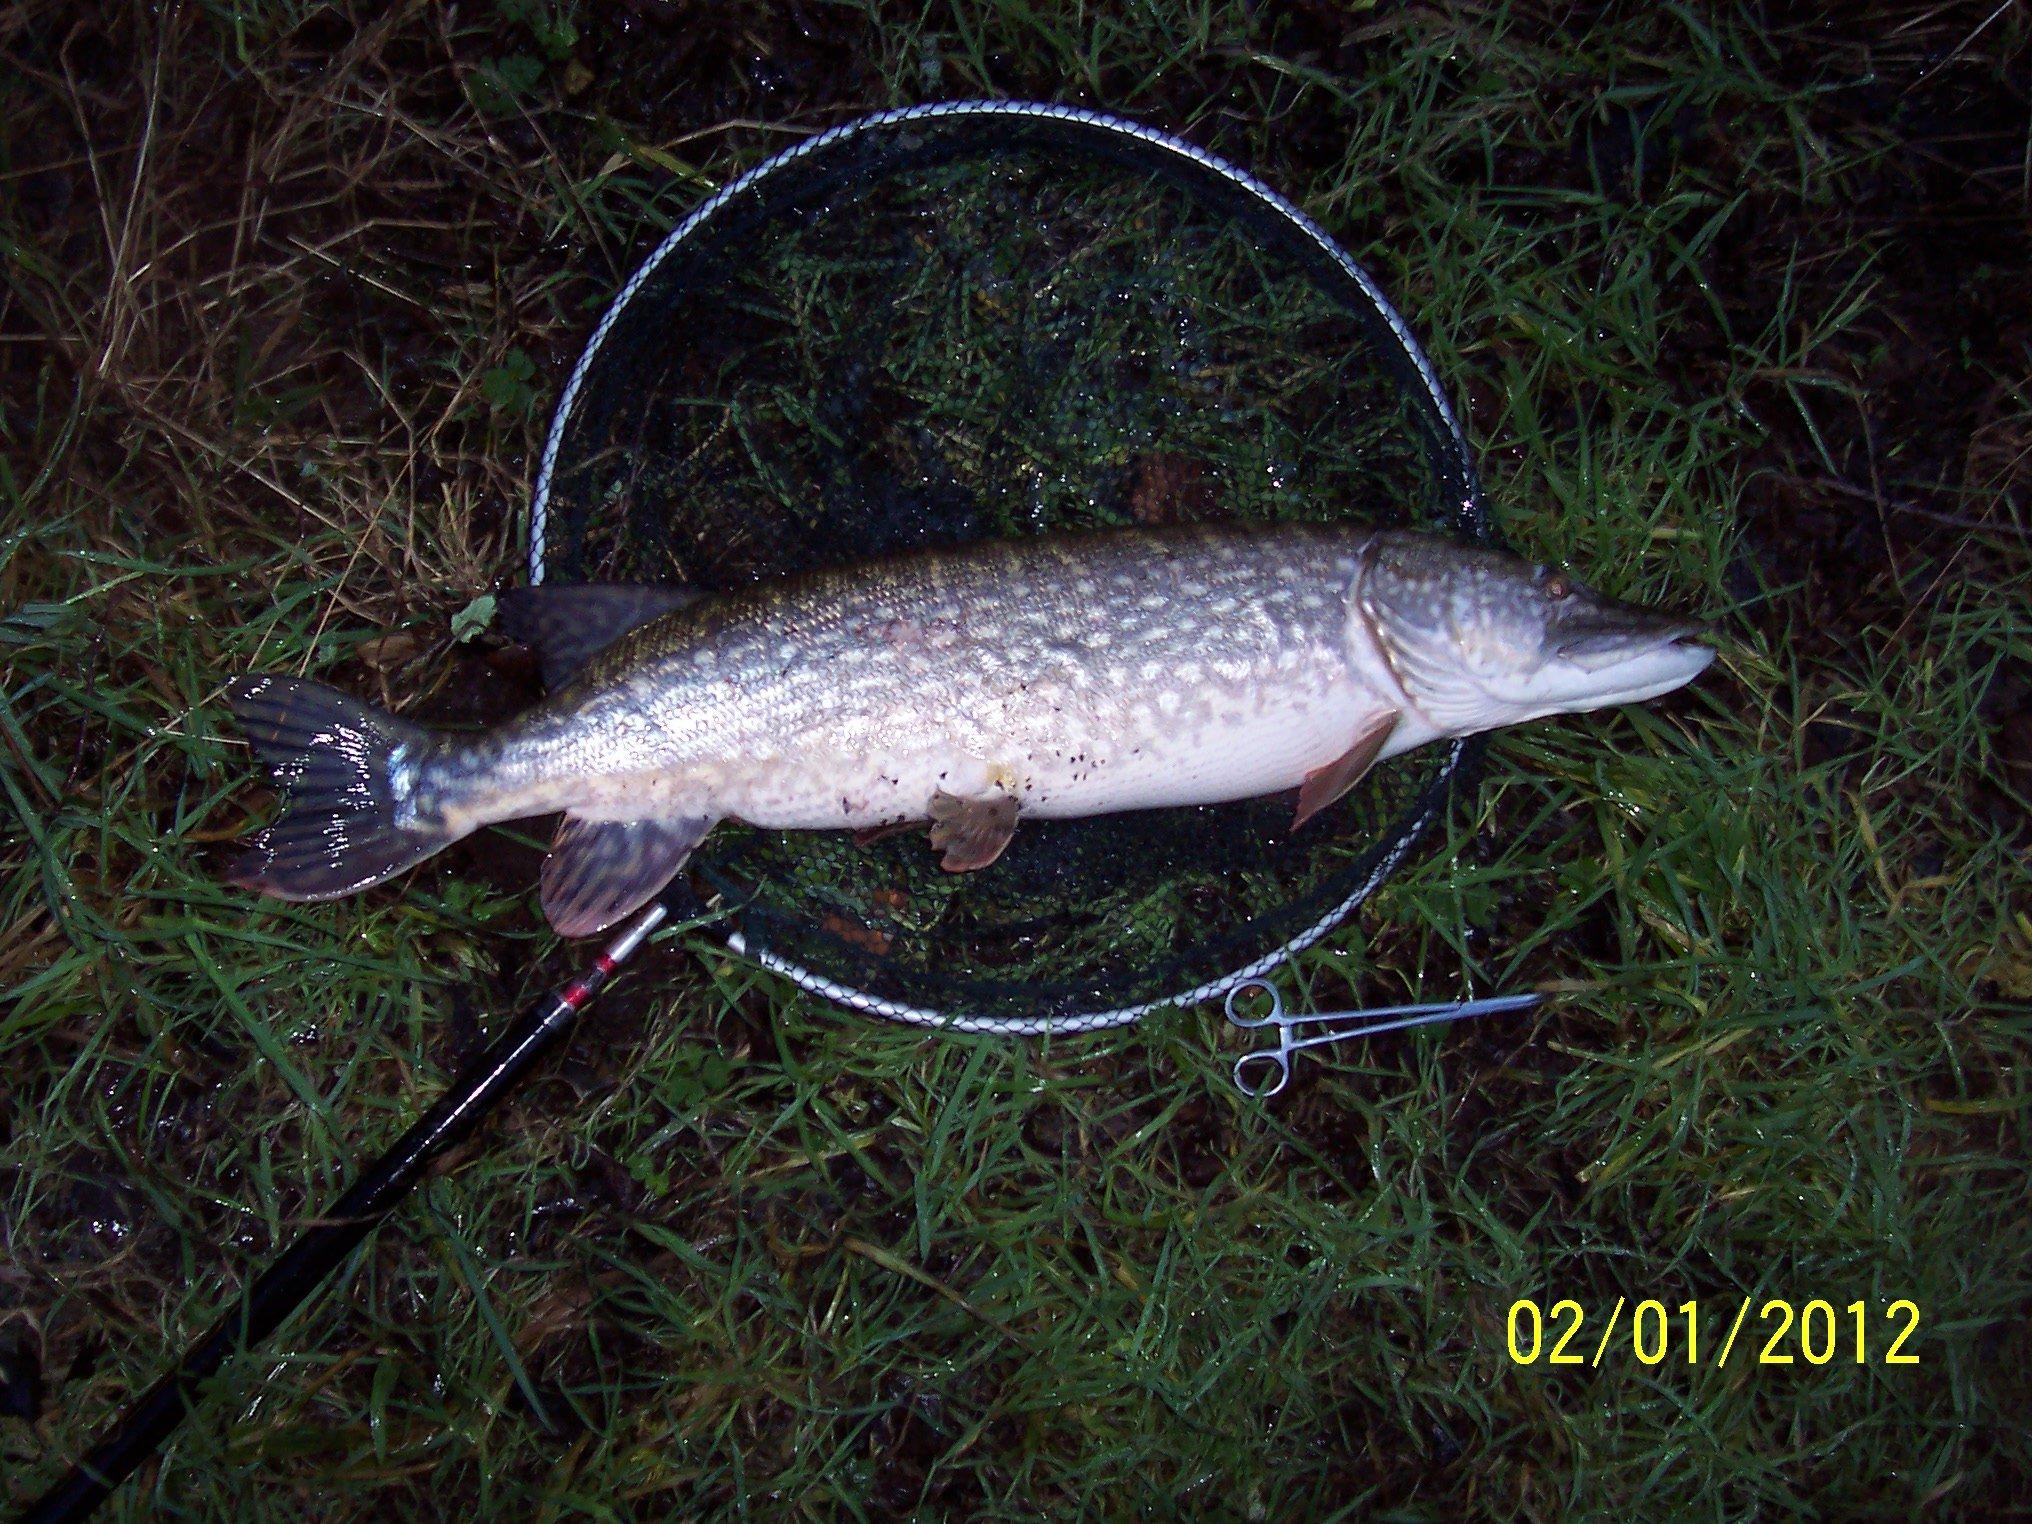 2 January 2012 (A big fat Pike!)